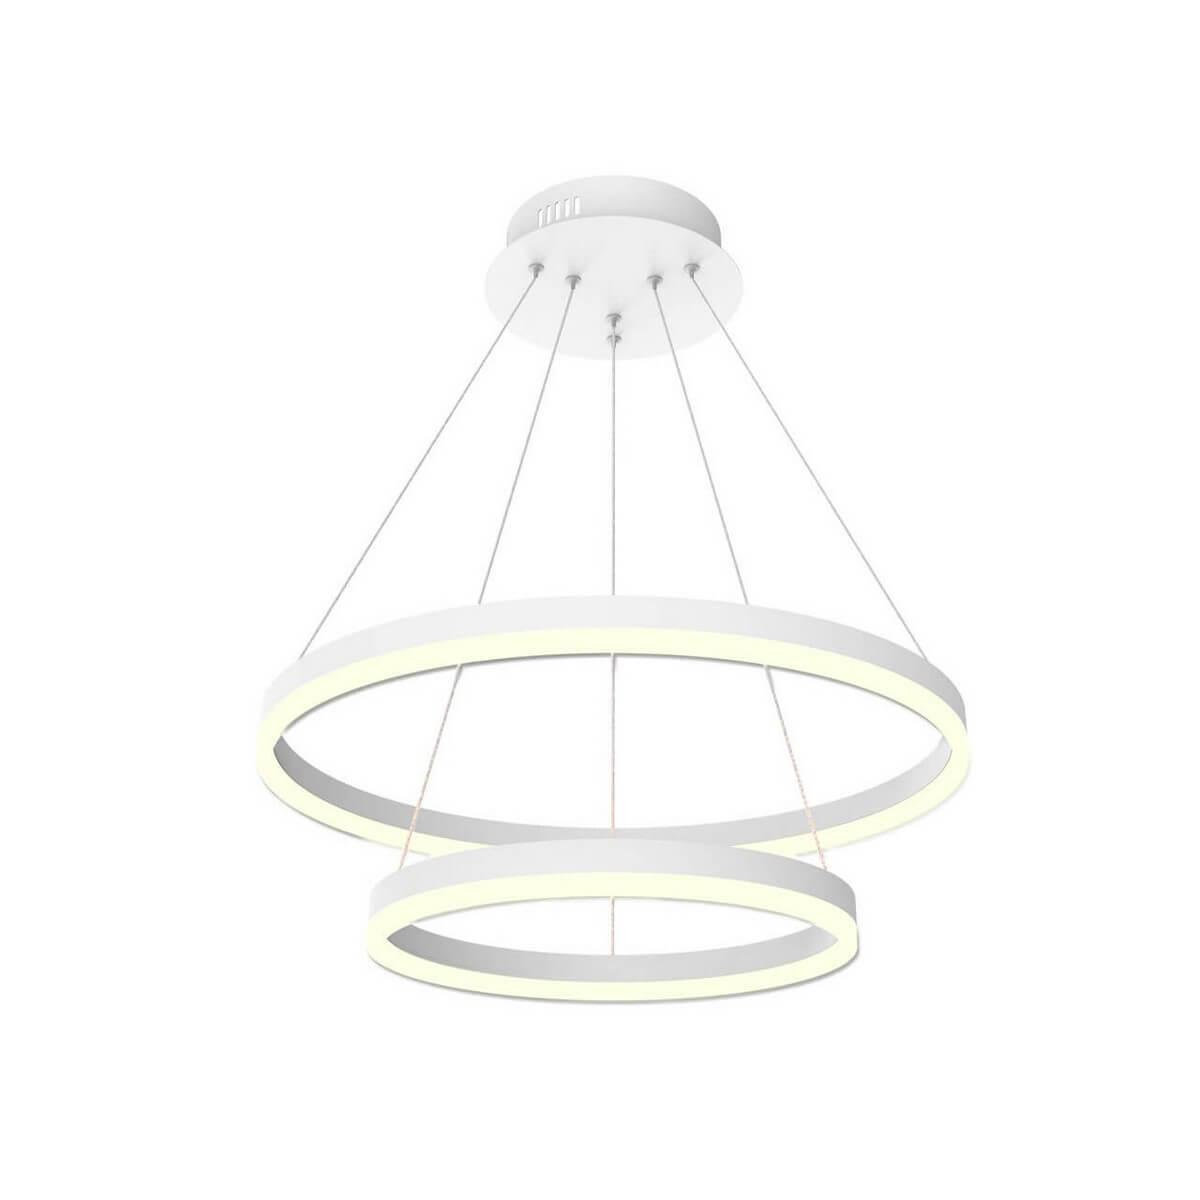 Подвесной светодиодный светильник Kink Light Тор-Эко 08219,01E kink light подвесной светильник kink light тор 08220 01